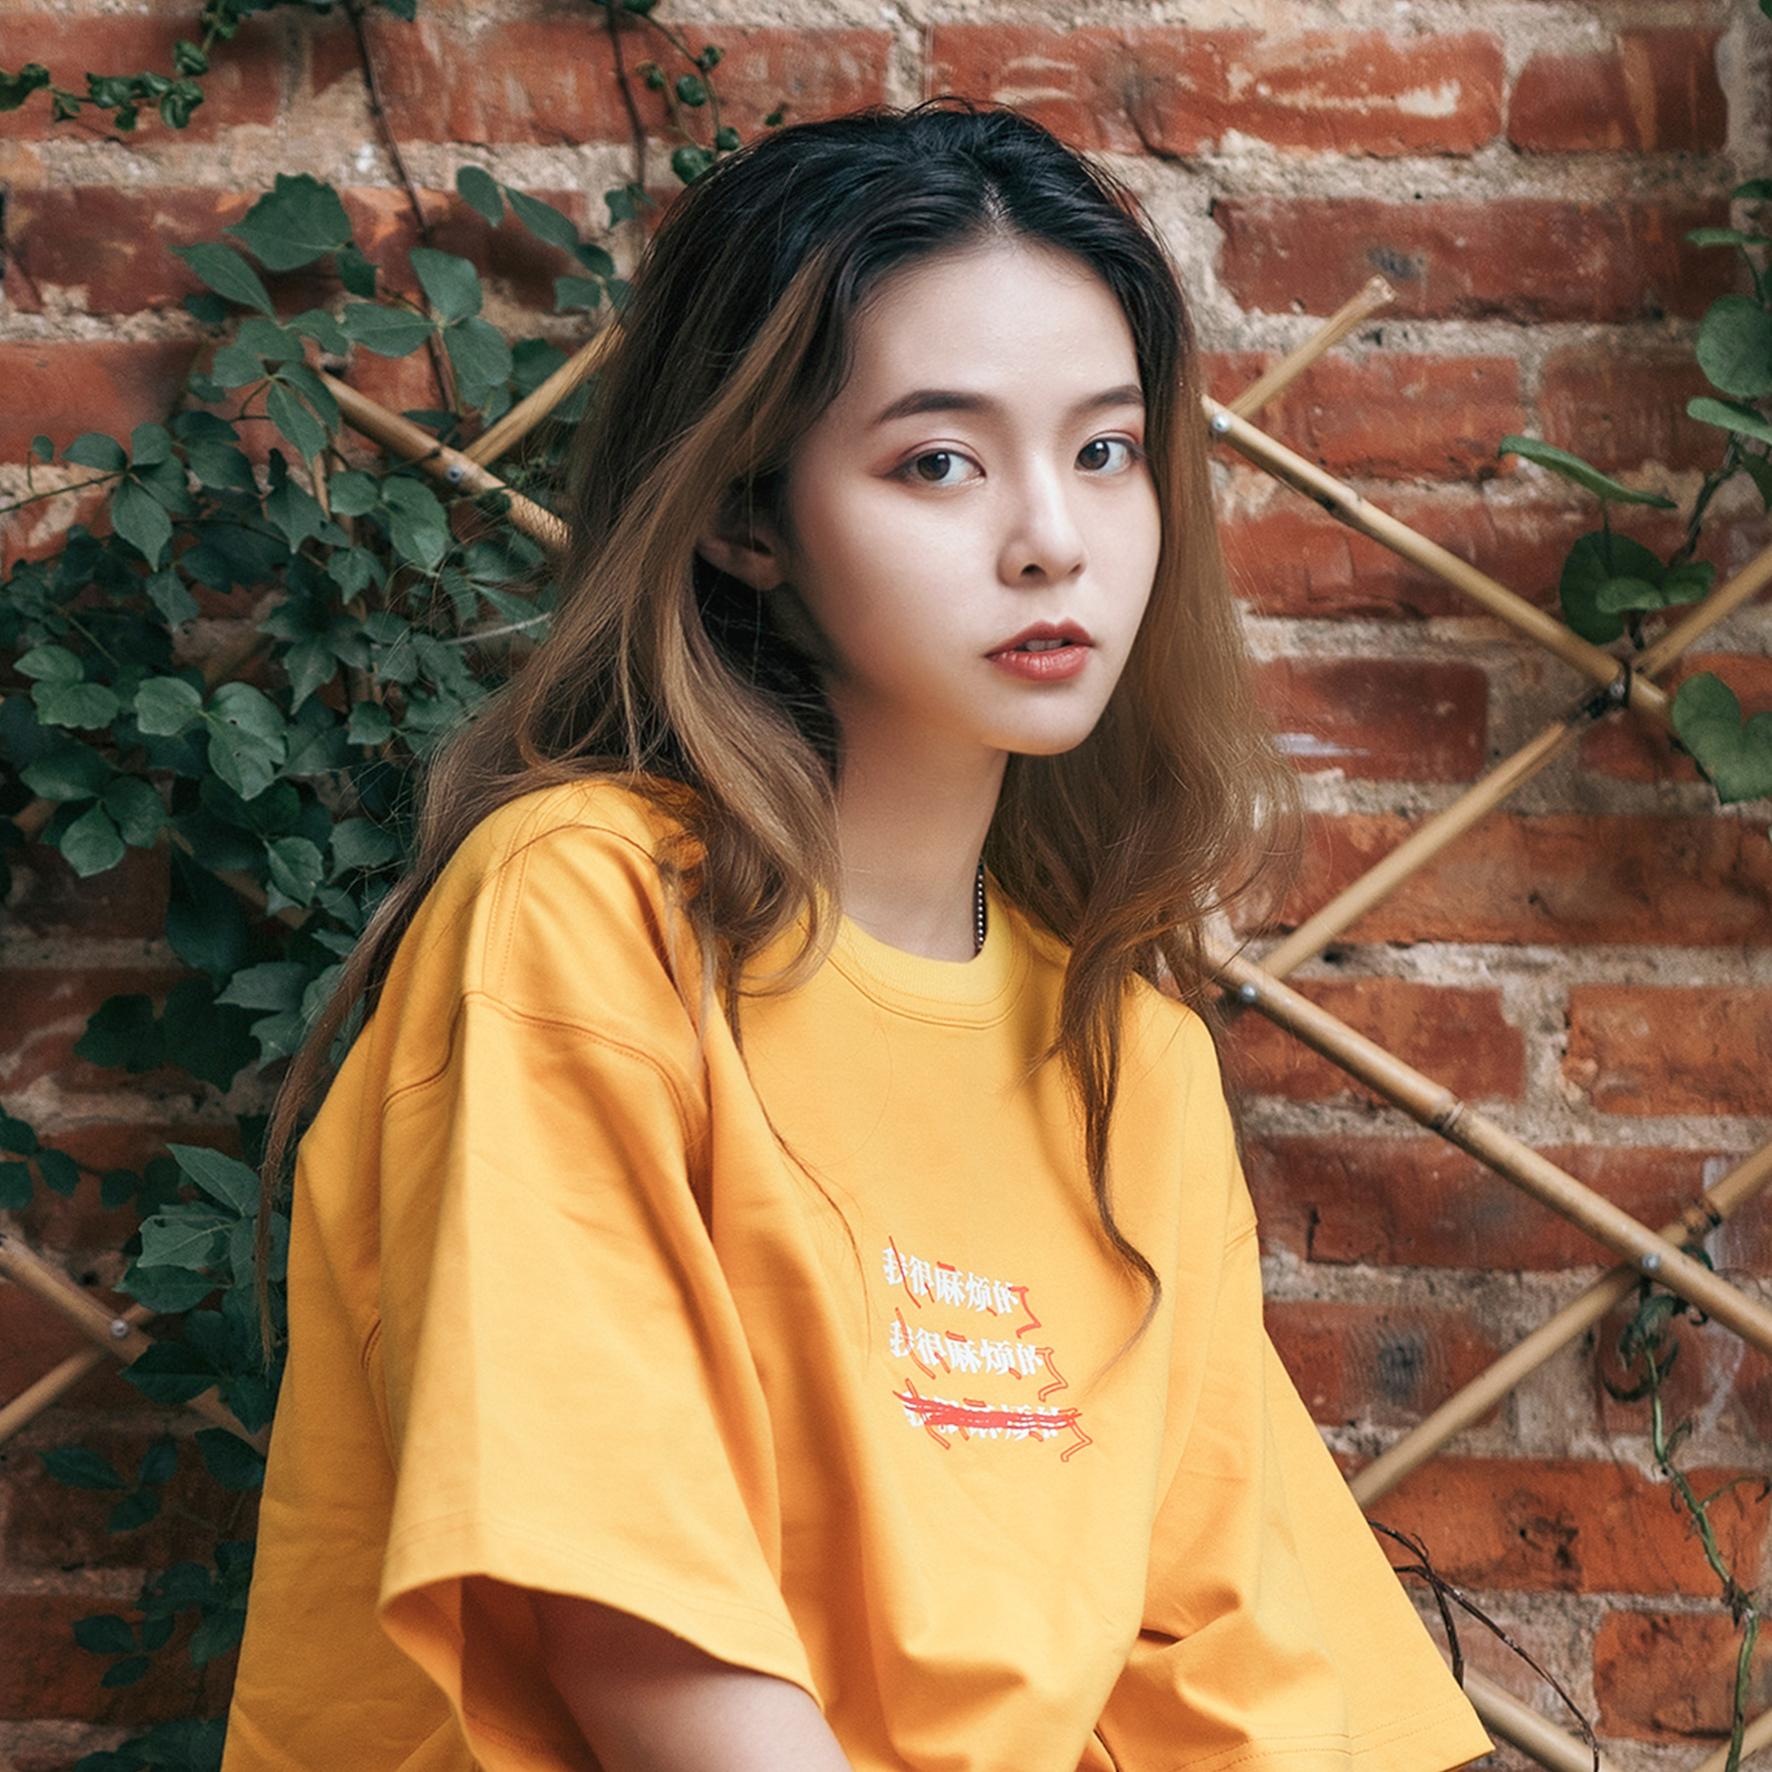 2019新款短袖T恤情侣装青春流行夏季潮流宽松美棉上衣黄色印花